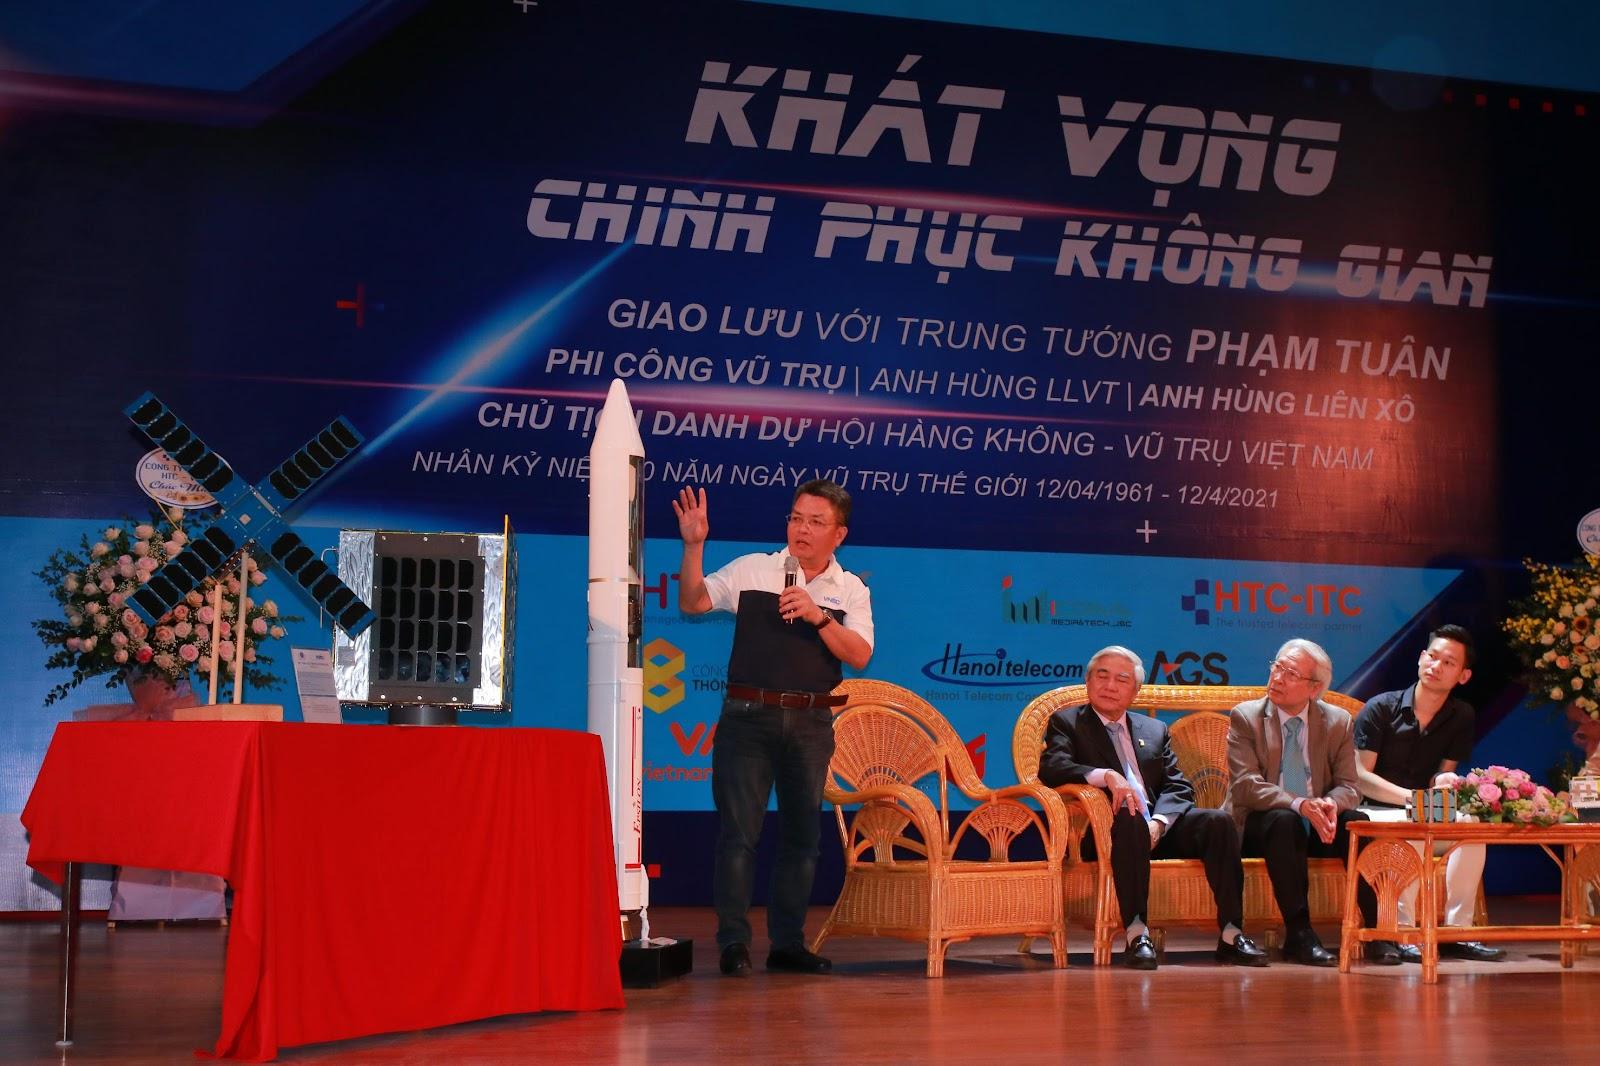 Các nhà khoa học tham gia tọa đàm tại chương trình.